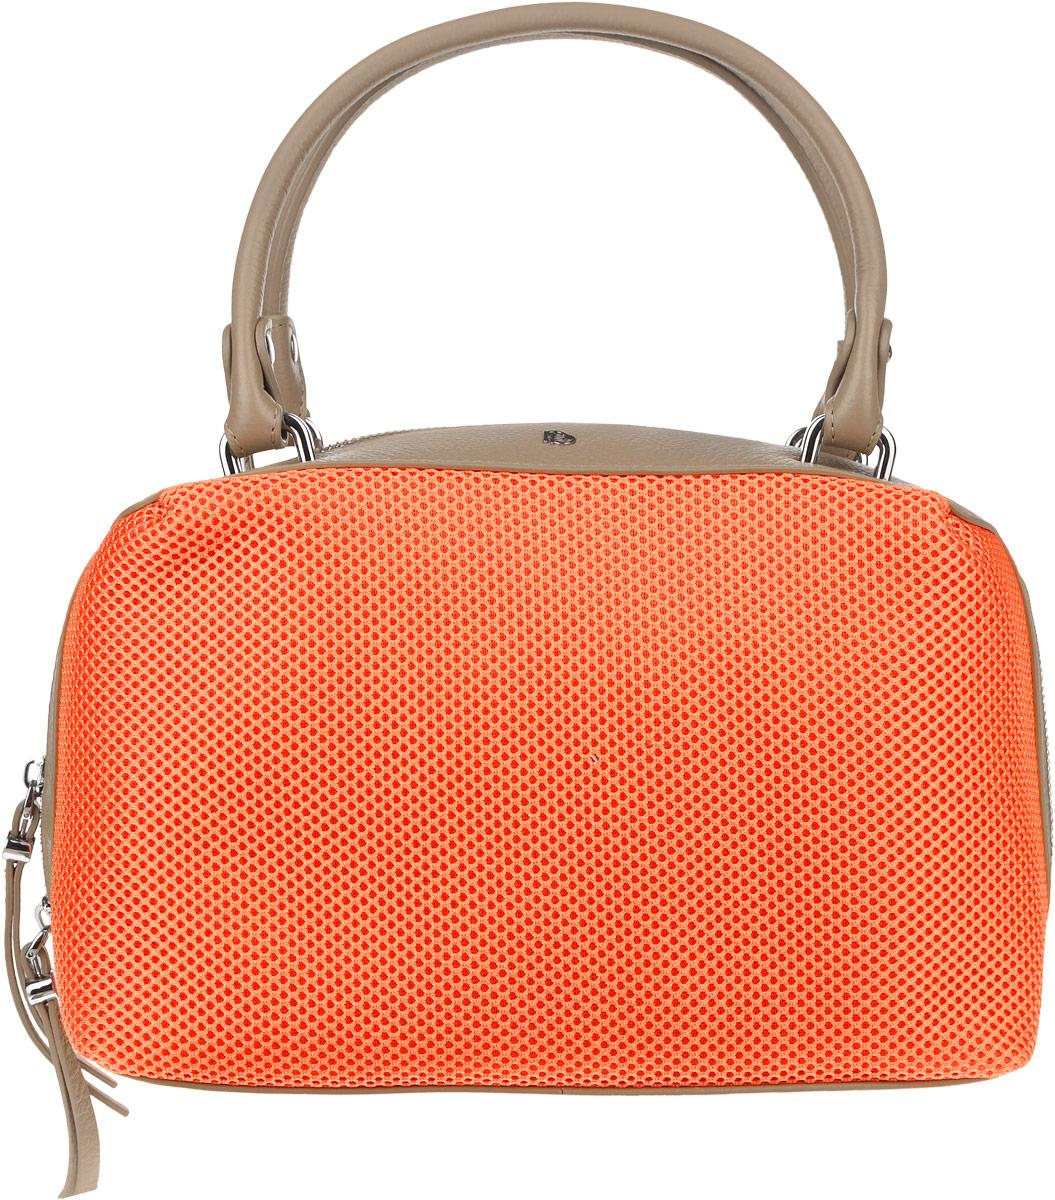 купить Сумка женская Pimo Betti, цвет: оранжевый, темно-бежевый. 14674B1-W1 по цене 9650 рублей